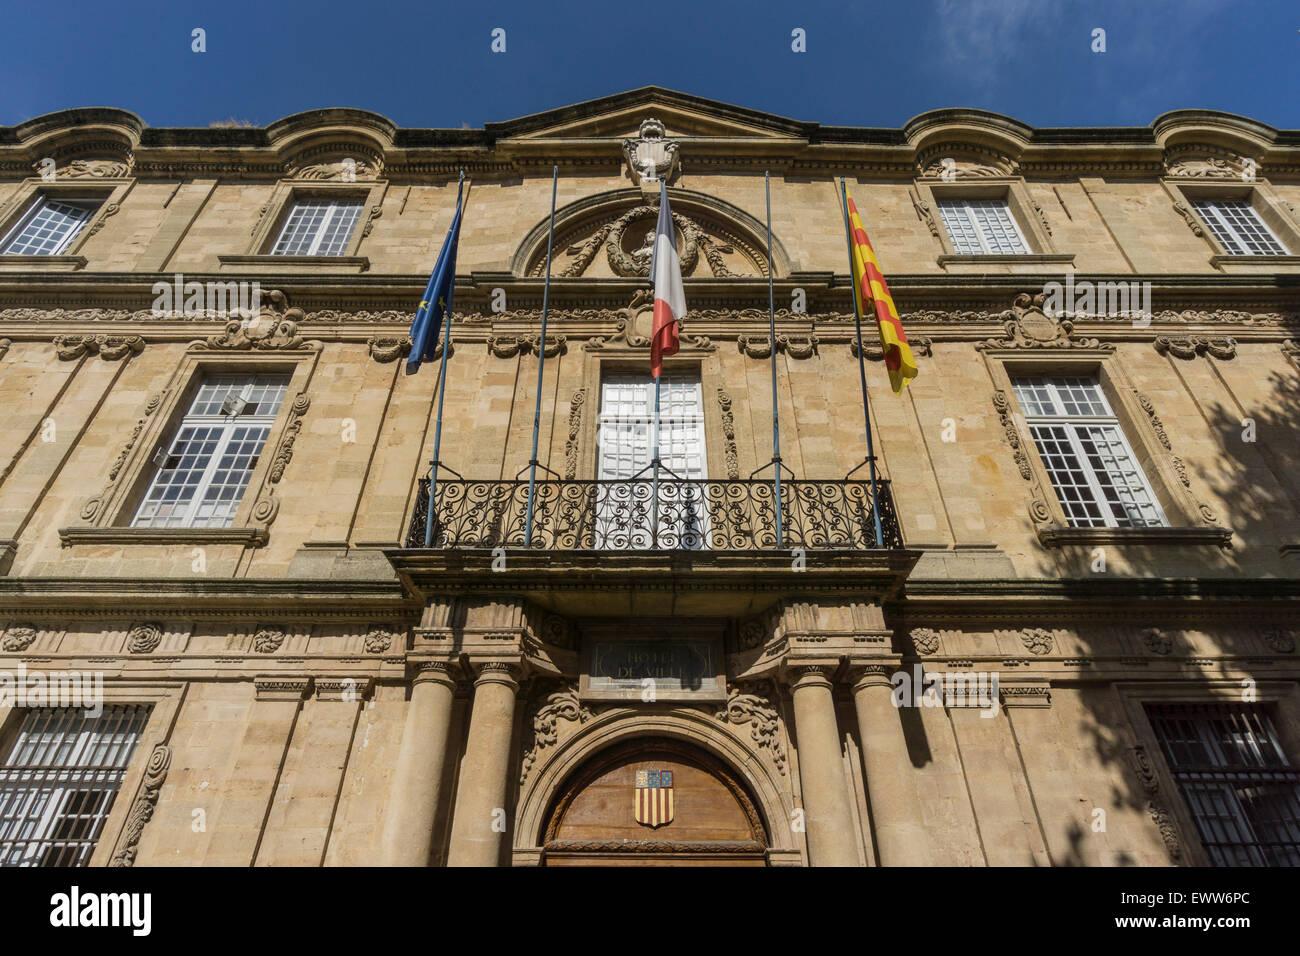 Market Place, Town Hall, Hotel de Ville,  Aix-en-Provence Stock Photo